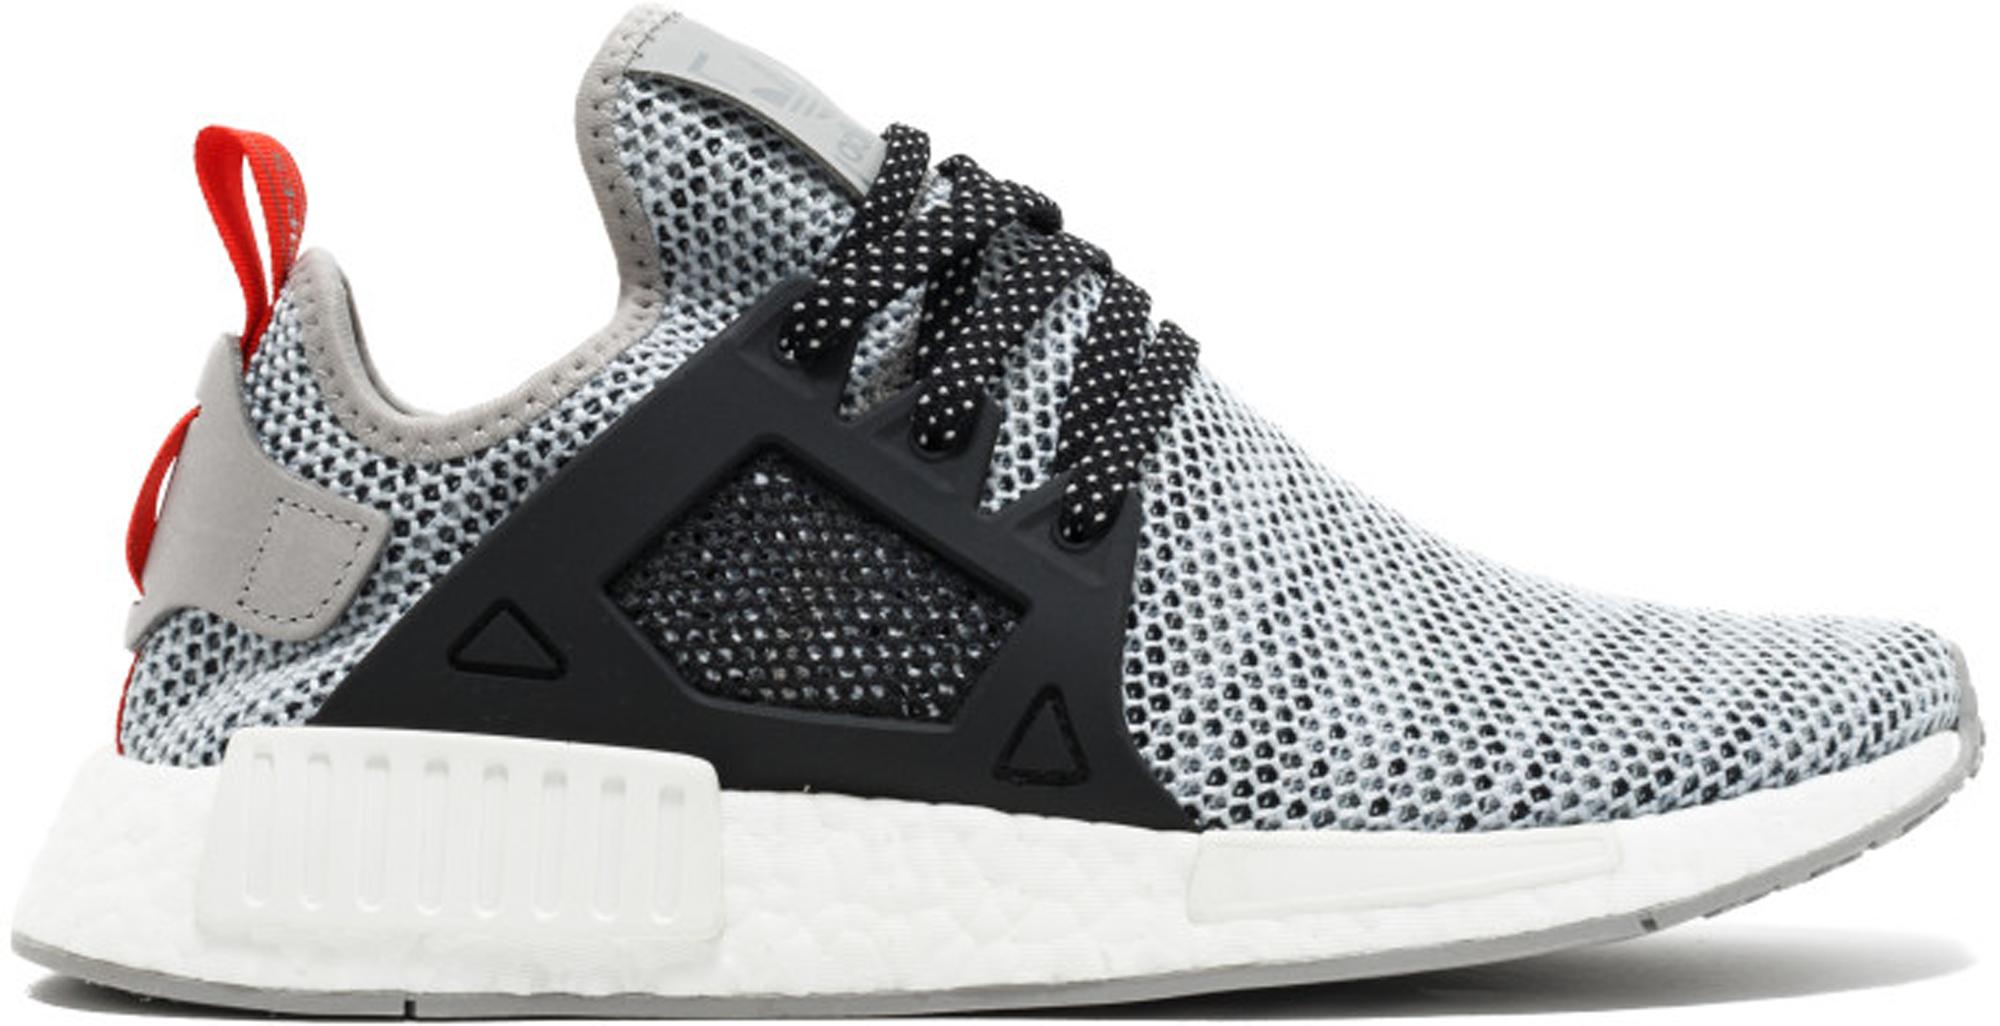 adidas NMD XR1 JD Sports Grey Black